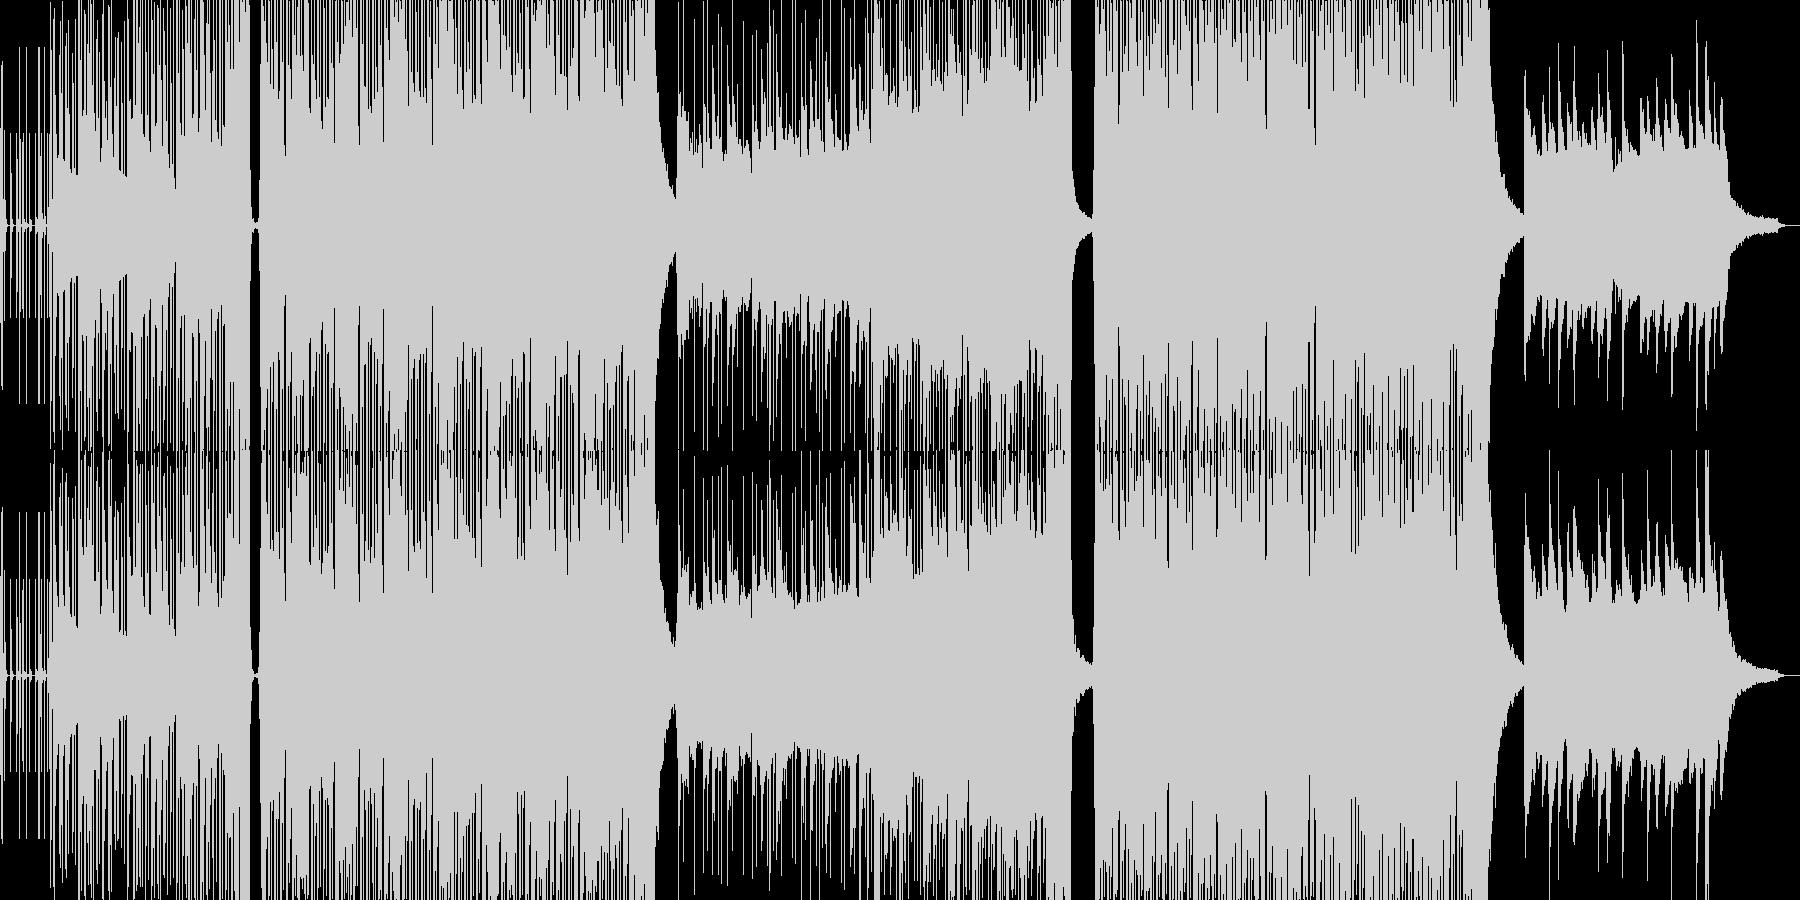 ポップ テクノ 代替案 実験的な ...の未再生の波形